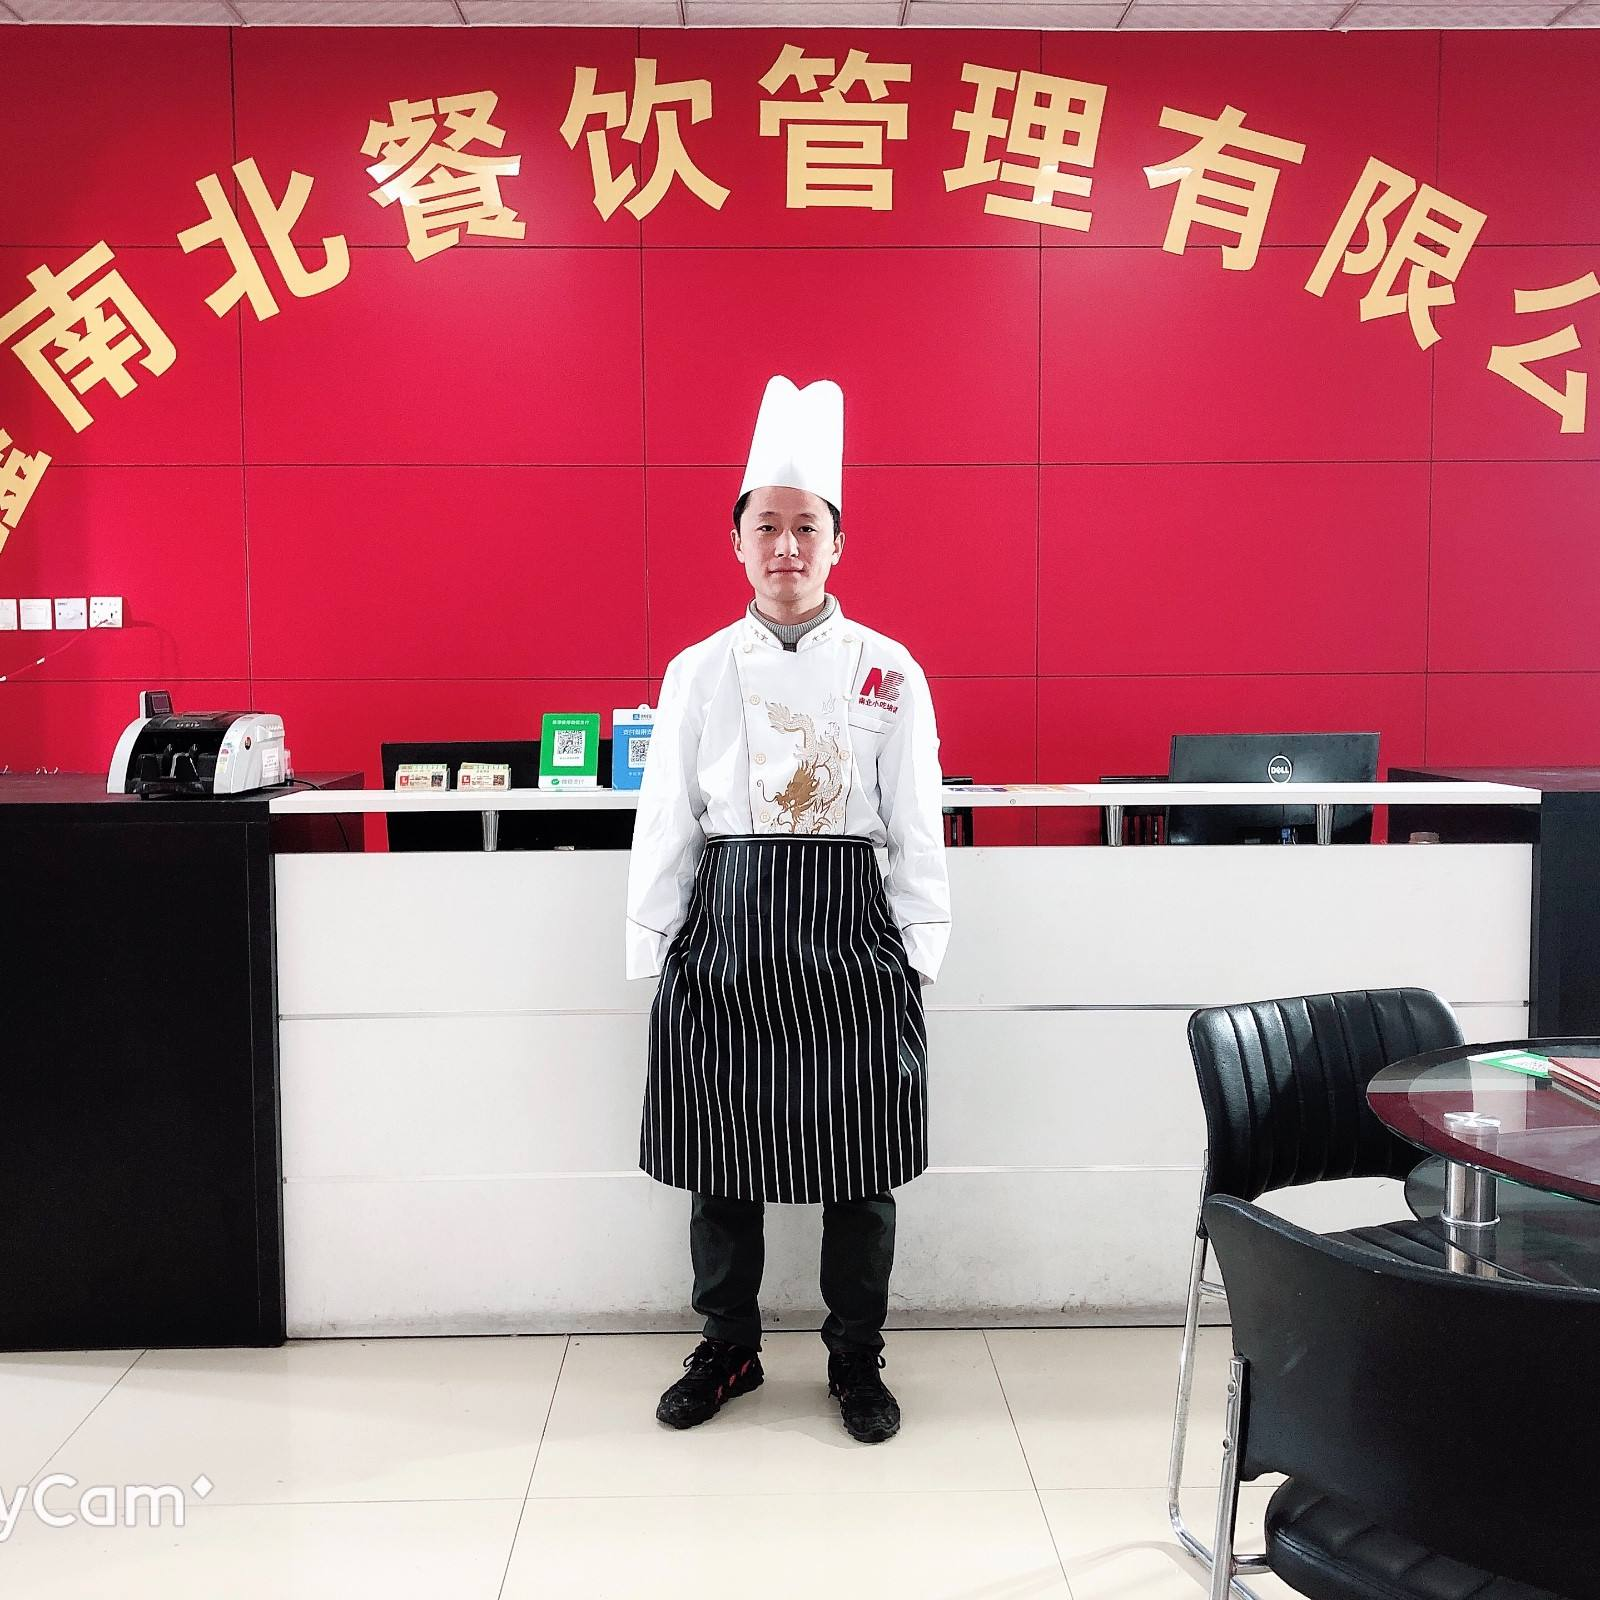 深圳布吉南北小吃培训学校怎么样?学校有哪些项目